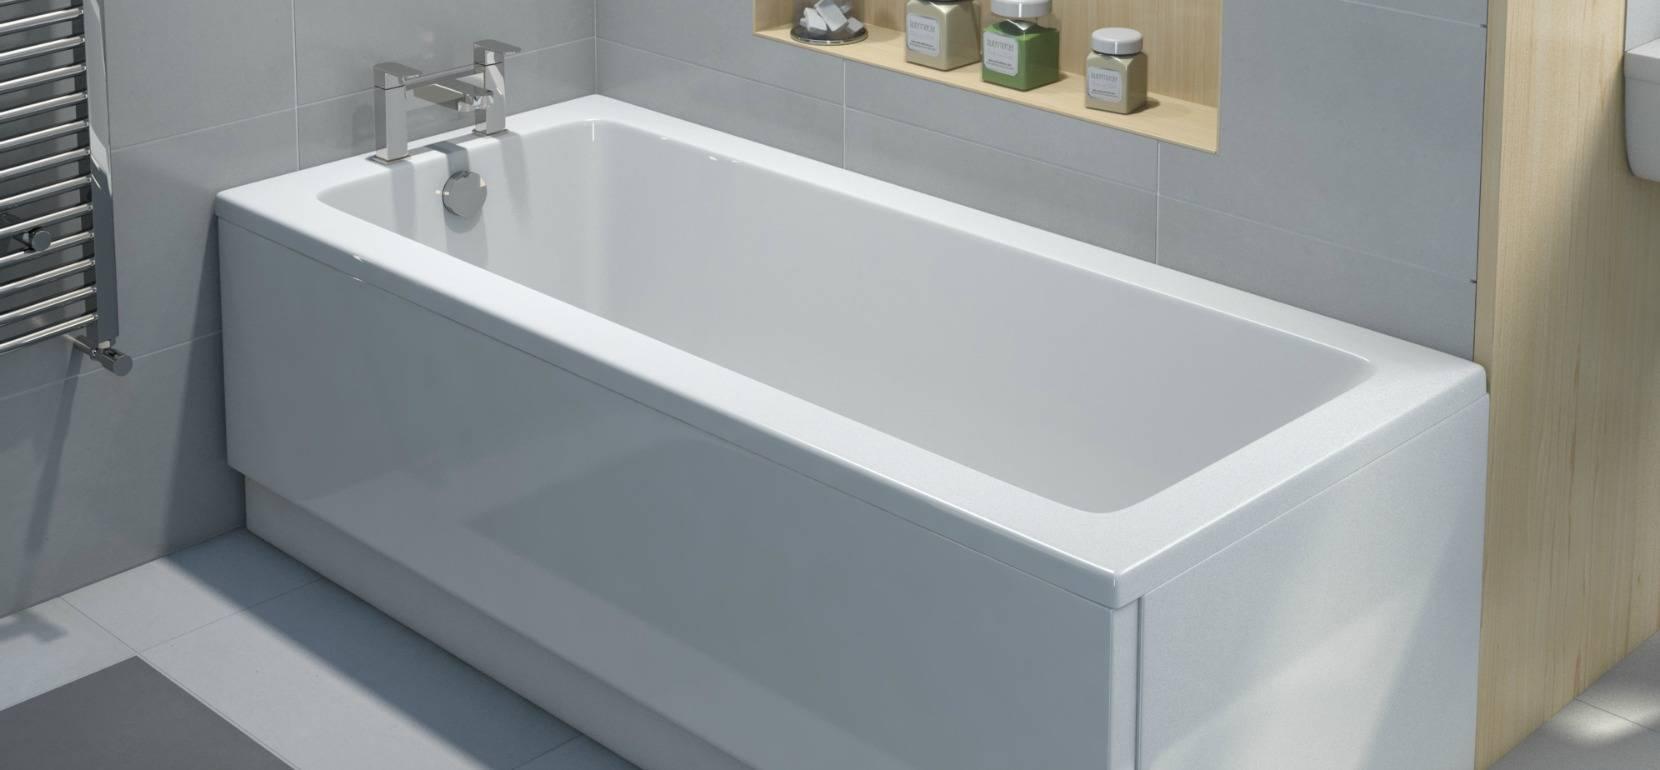 Выясняем: какая ванна лучше - чугунная, акриловая или стальная